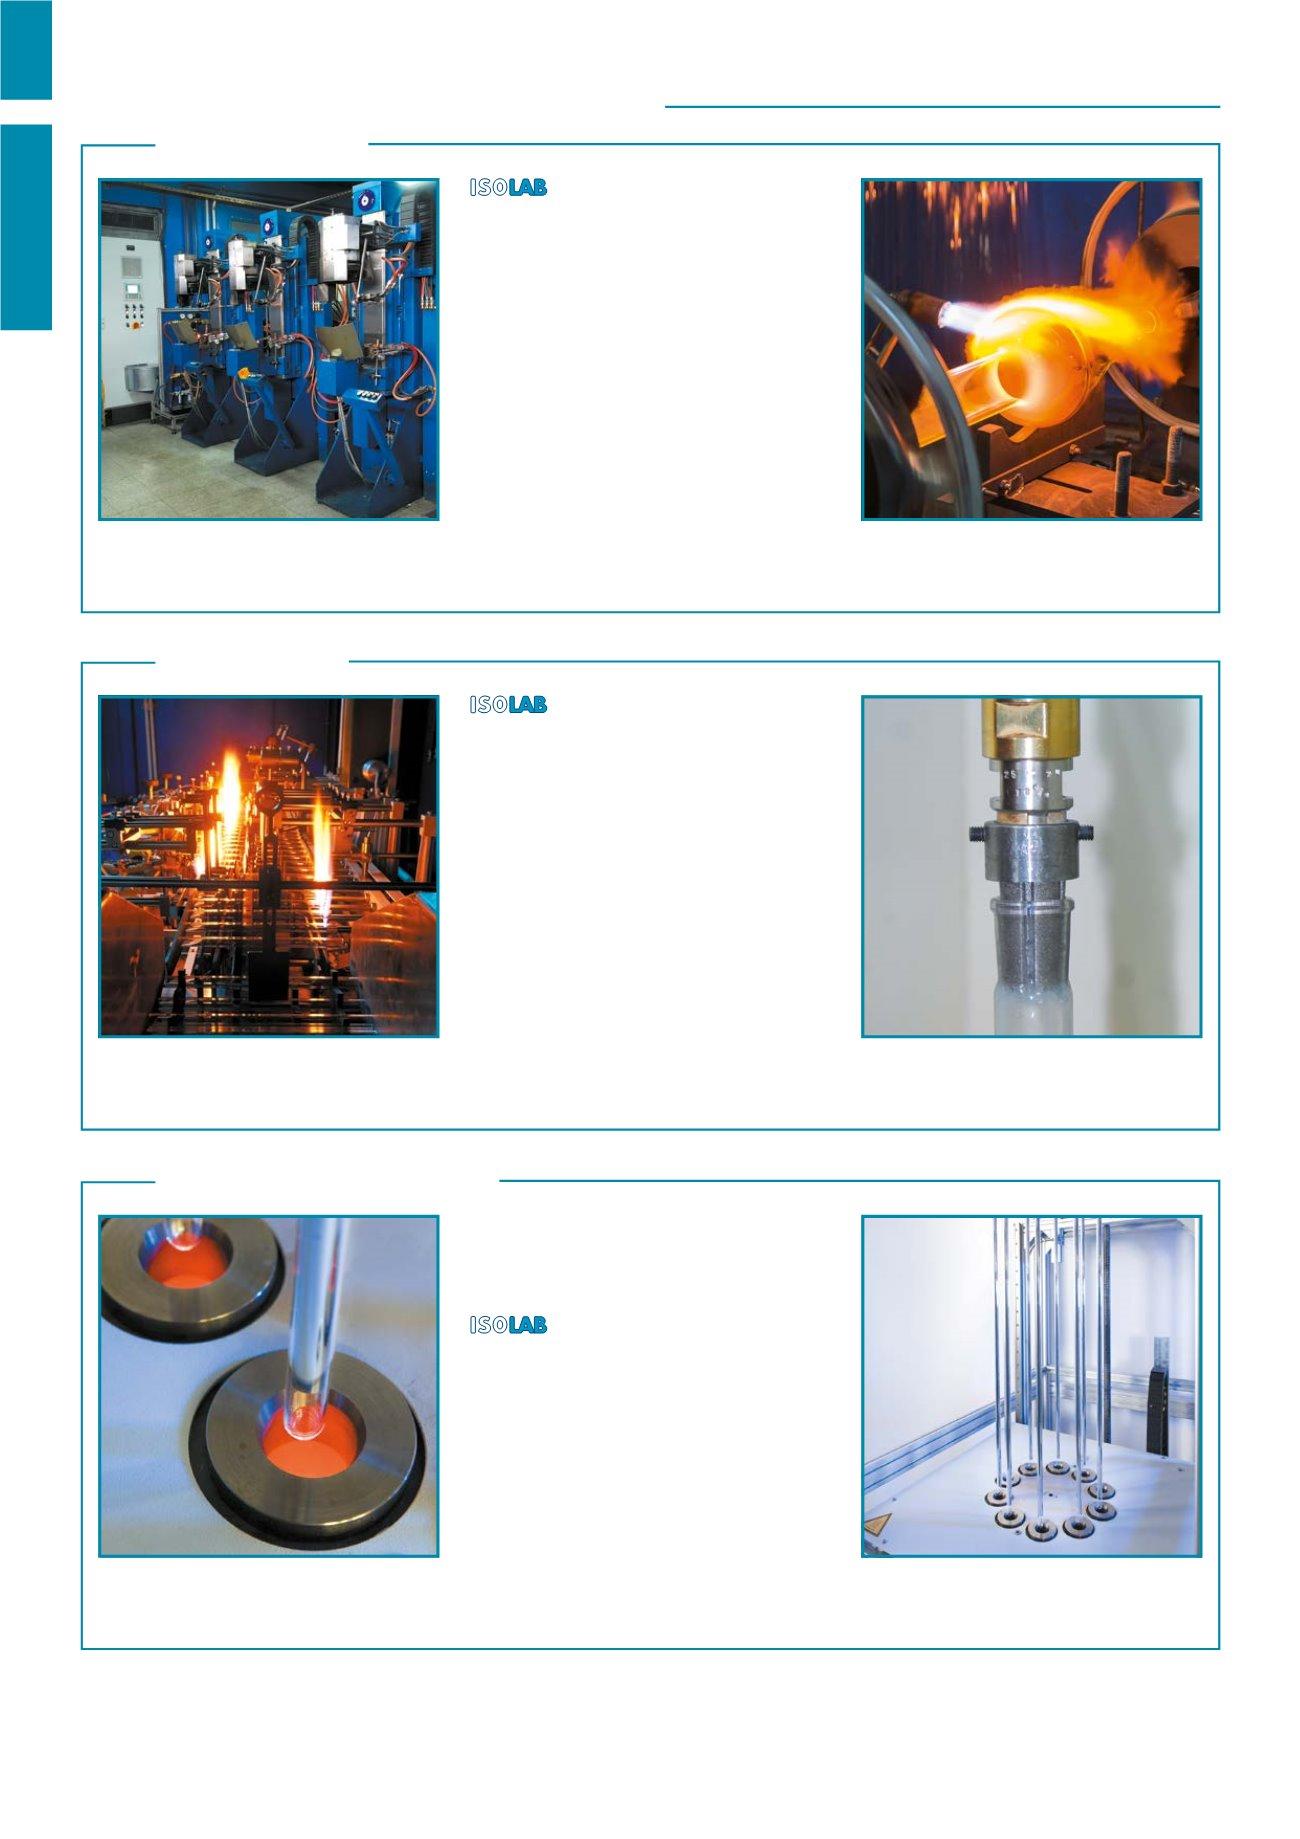 ISOLAB 2018-2020 Product Catalog